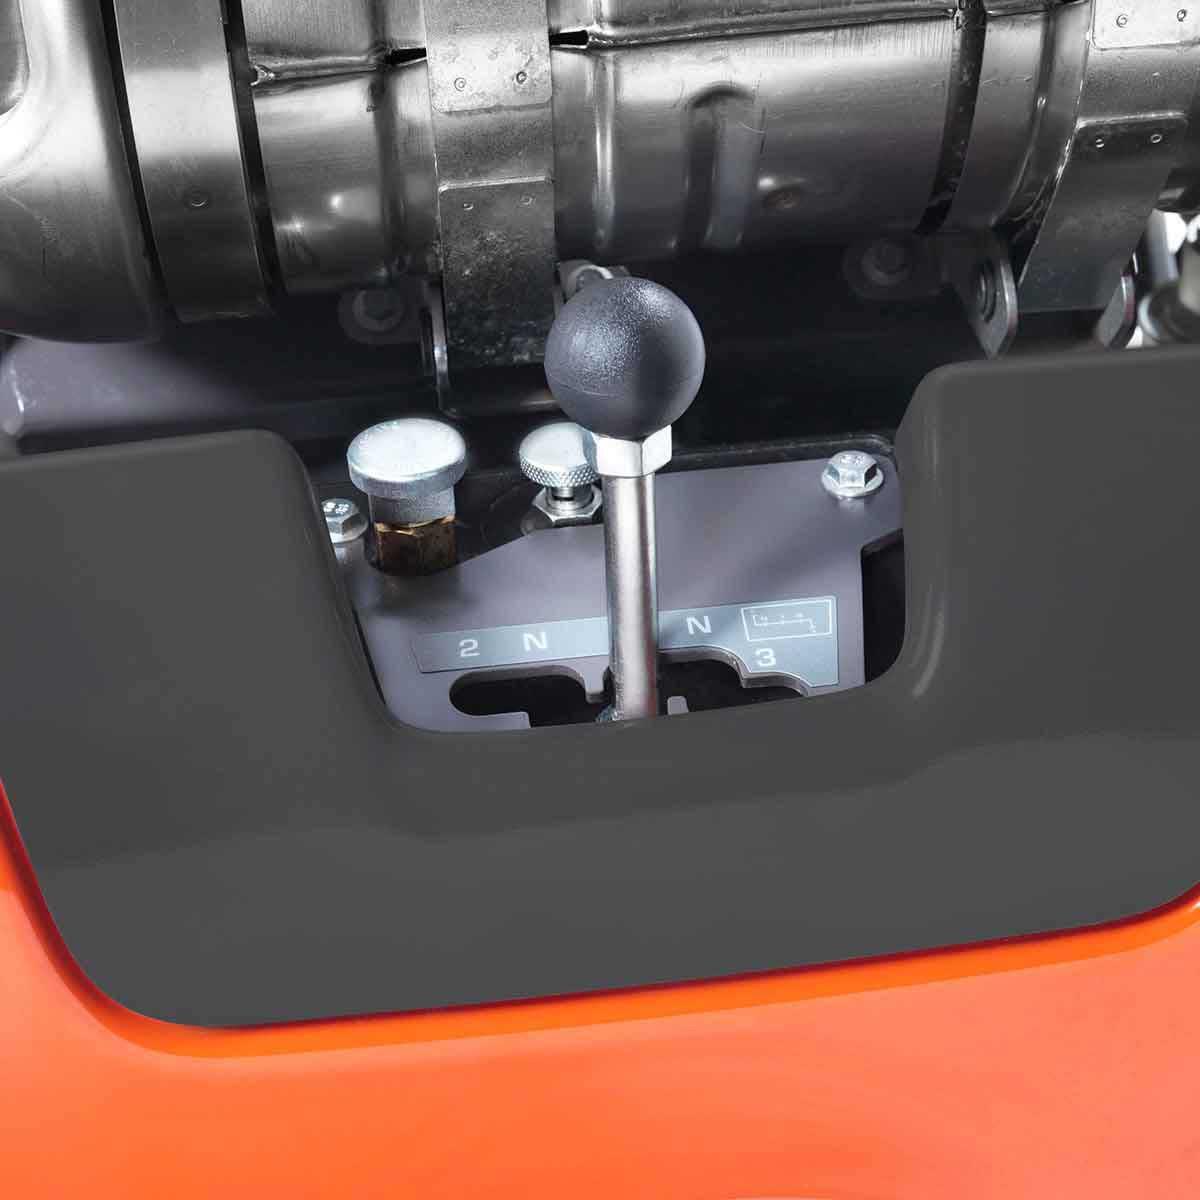 Husqvarna FS 7000 gear box